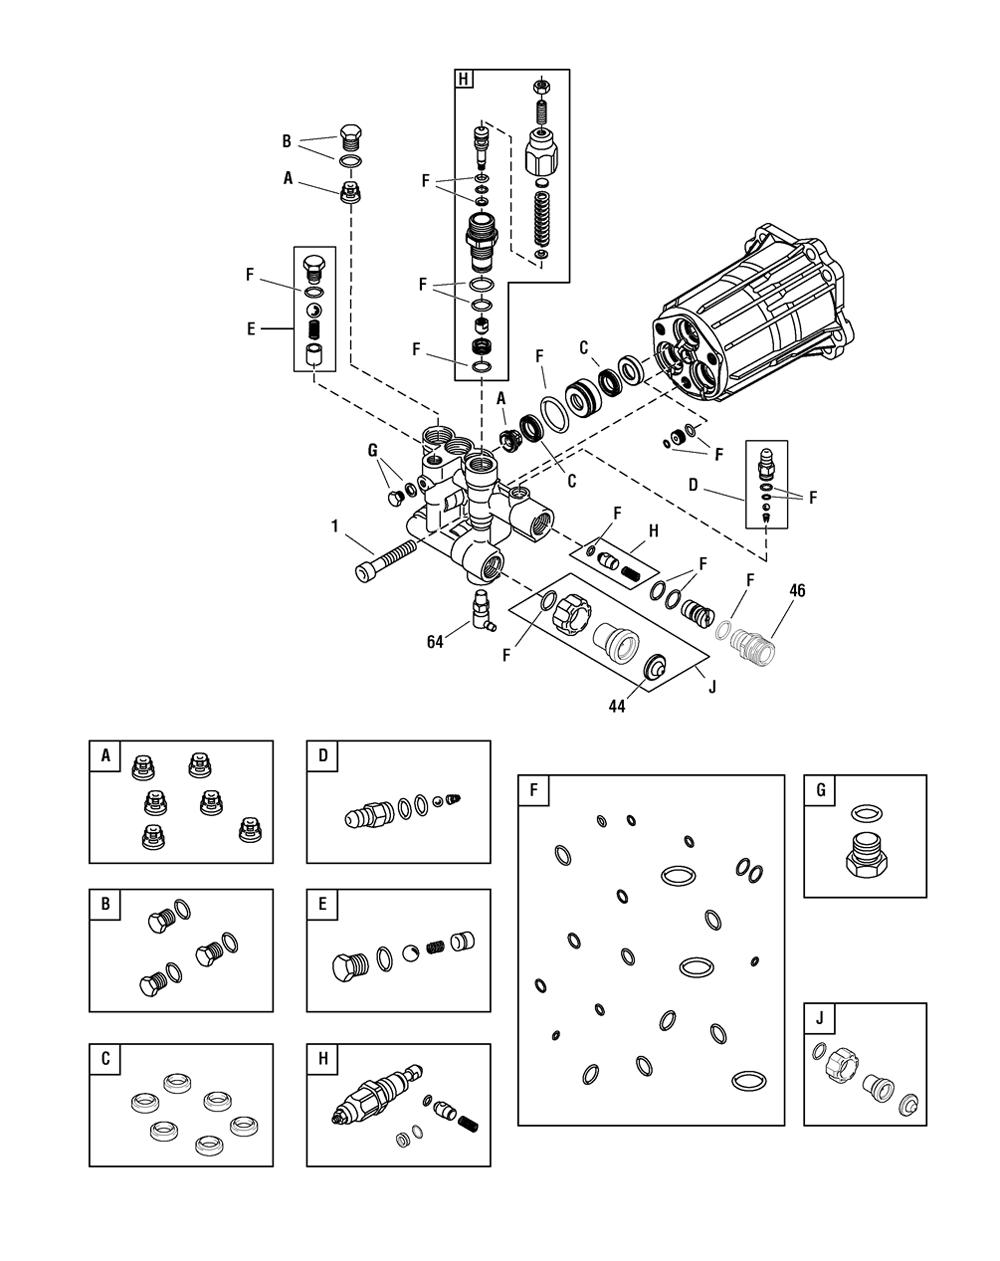 020379-00-BriggsandStratton-PB-1Break Down